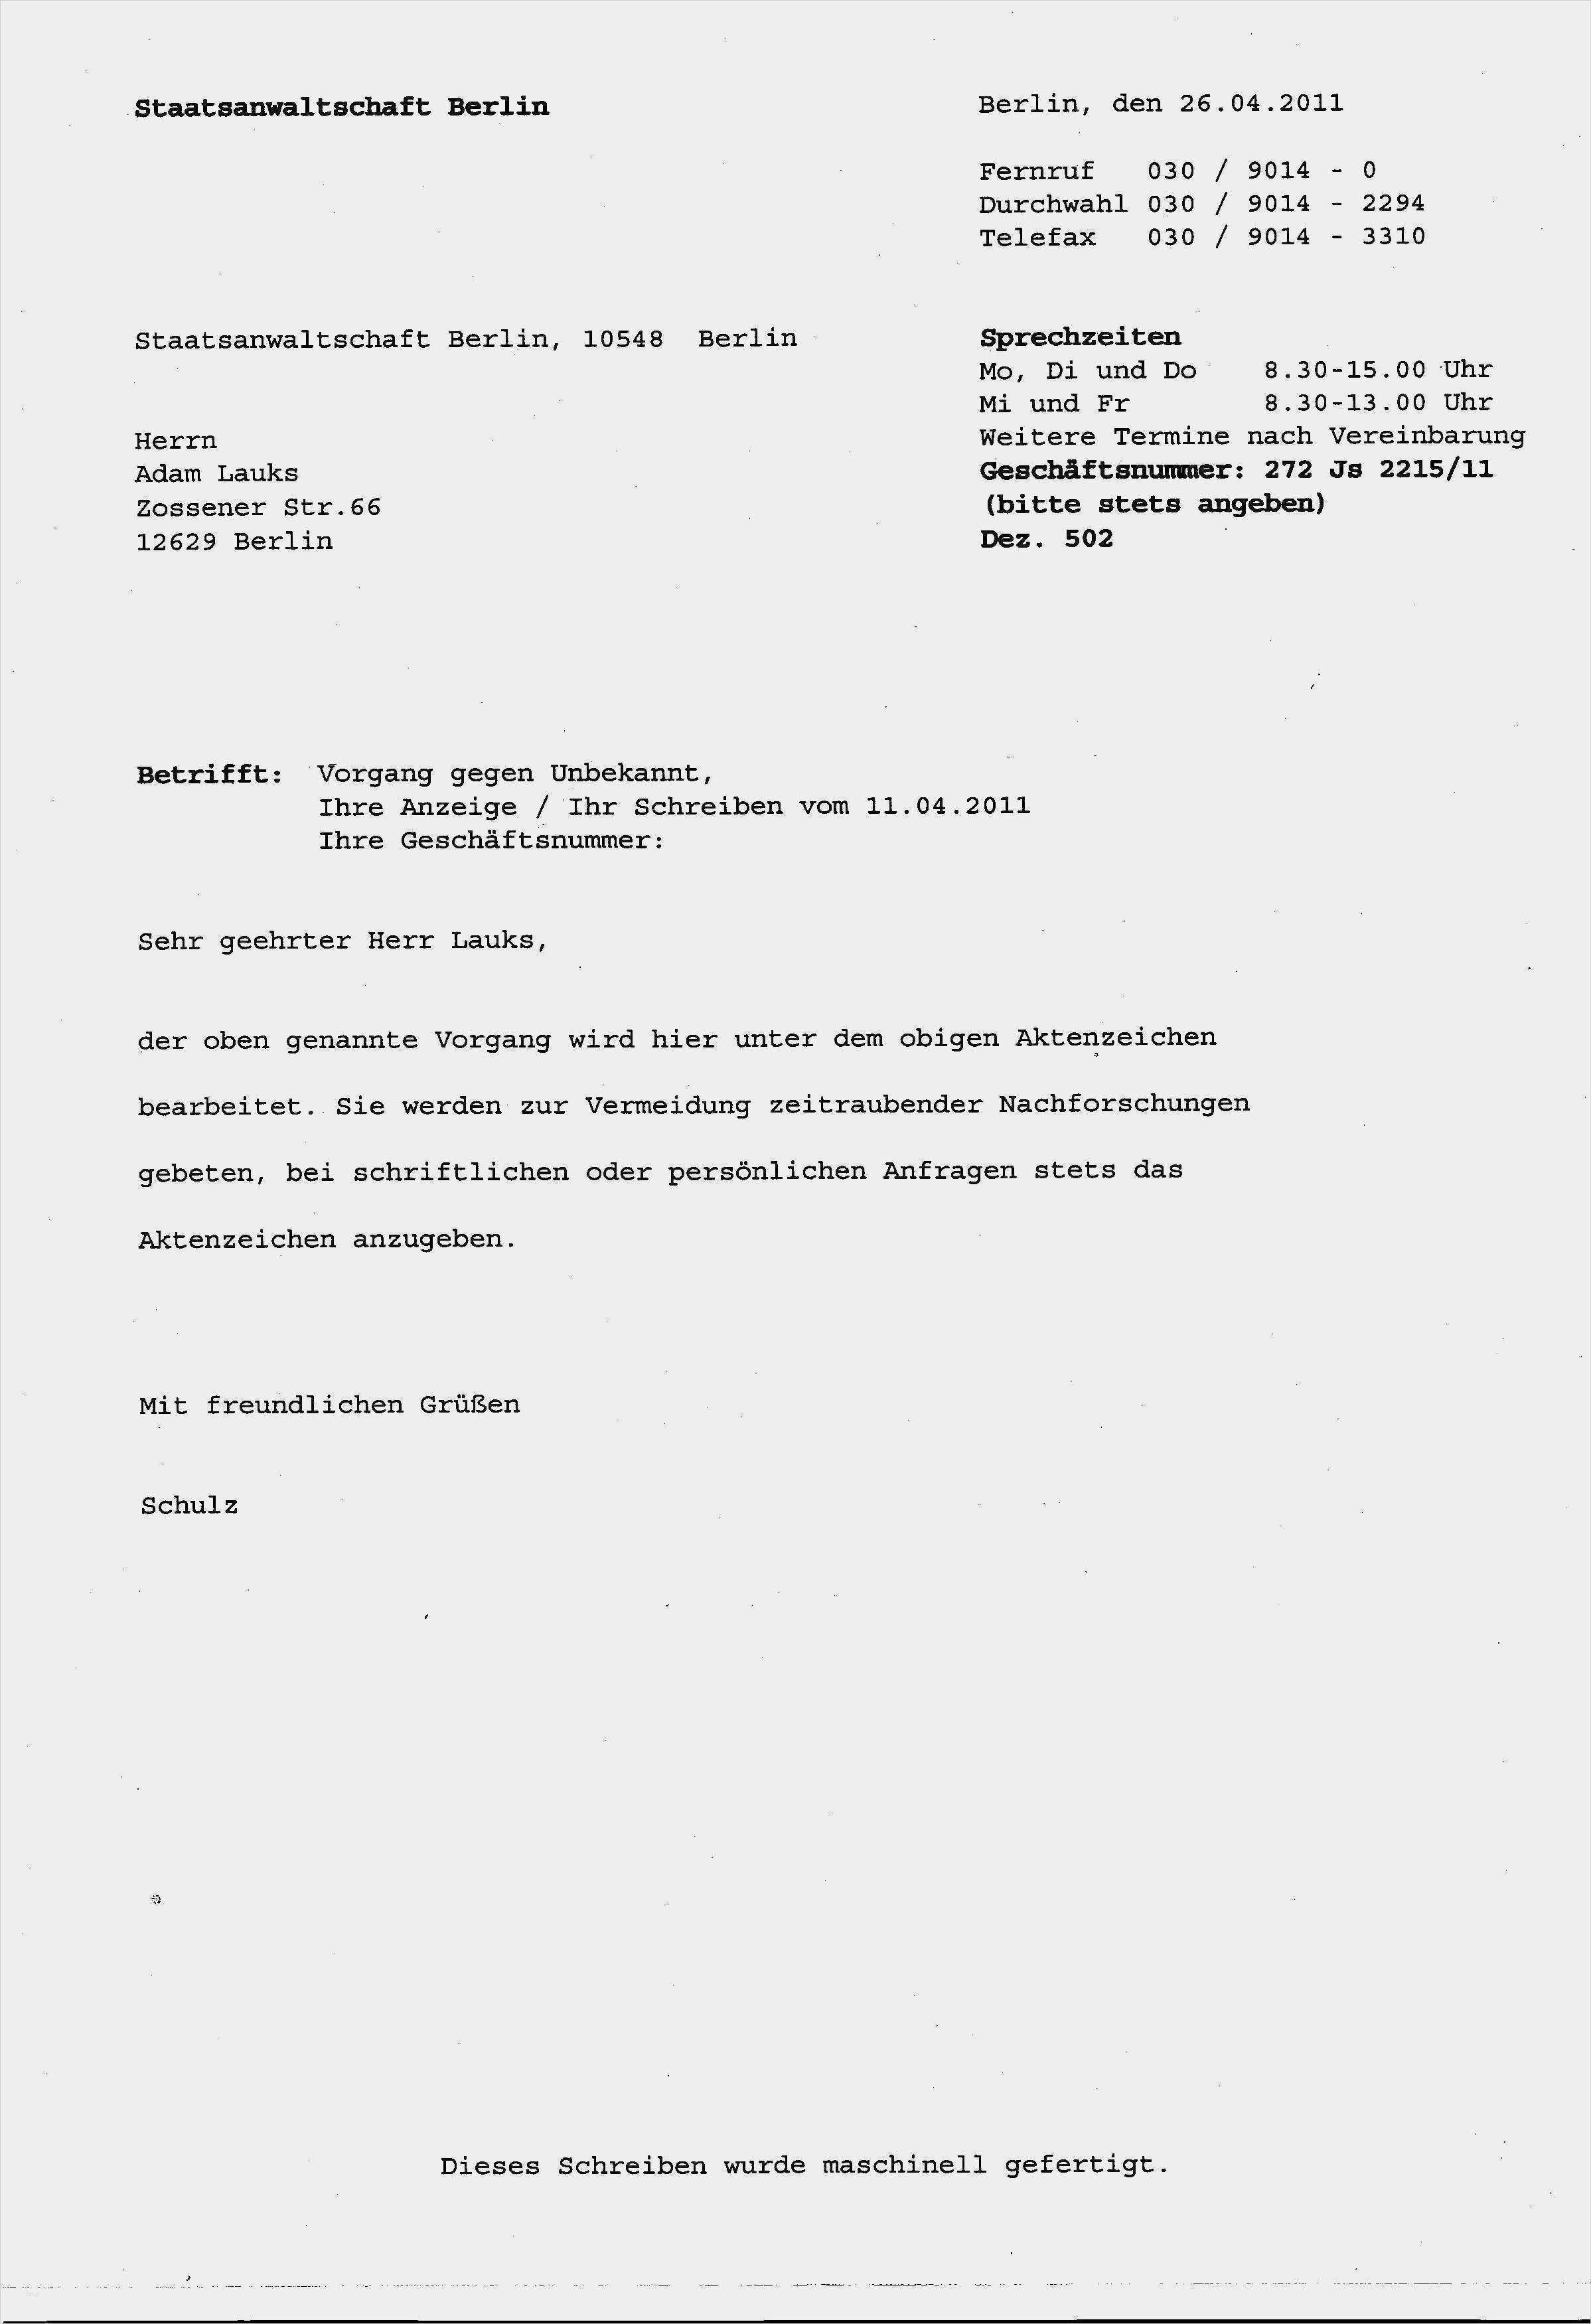 Erstaunlich Antrag Auf Ratenzahlung Staatsanwaltschaft Vorlage Modelle Vorlagen Vorlagen Word Lebenslauf Vorlagen Word